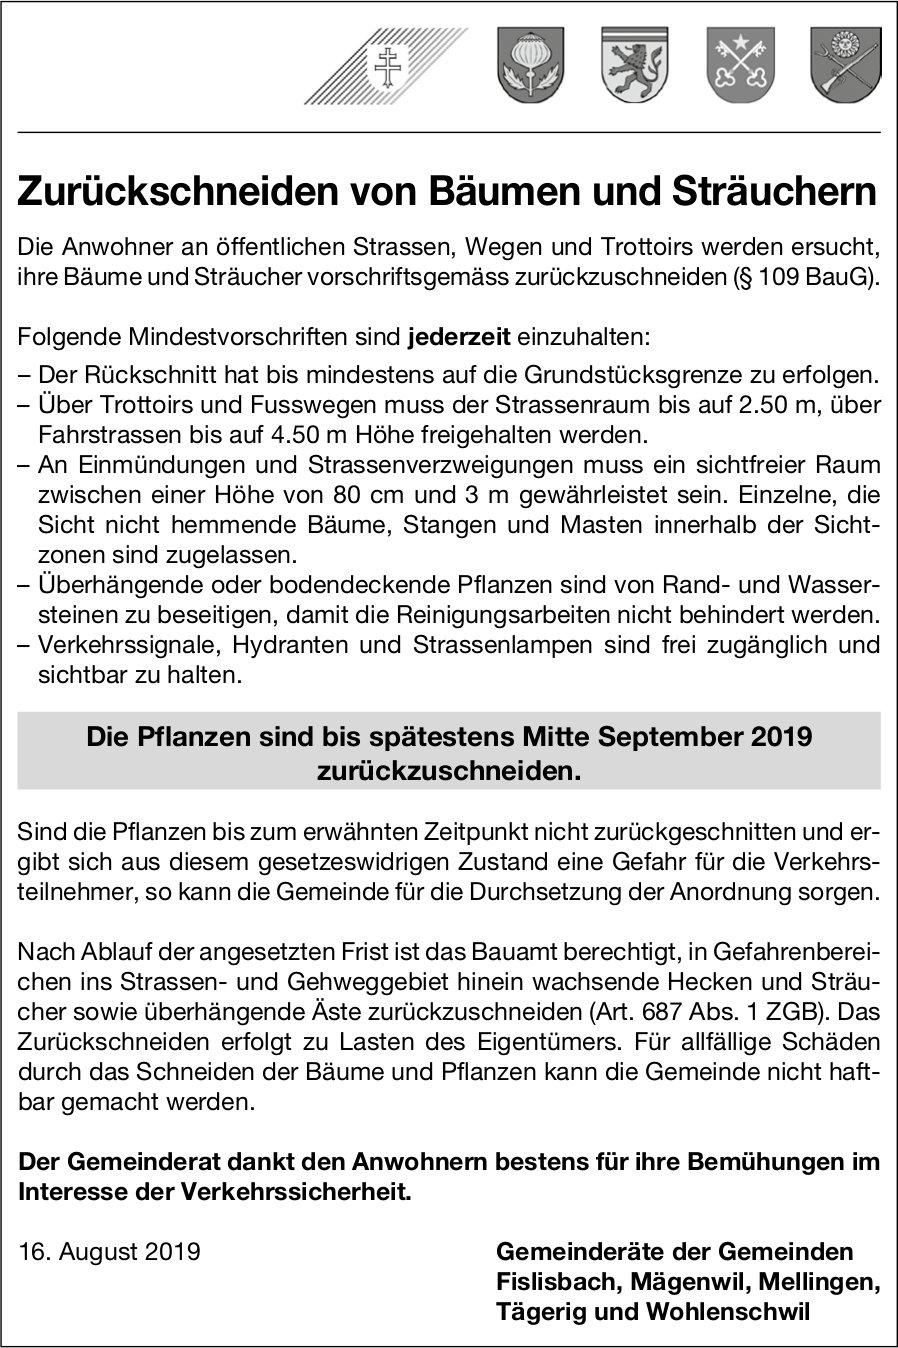 Fislisbach, Mägenwil, Mellingen, Tägerig, Wohlenschwil - Zurückschneiden von Bäumen und Sträuchern